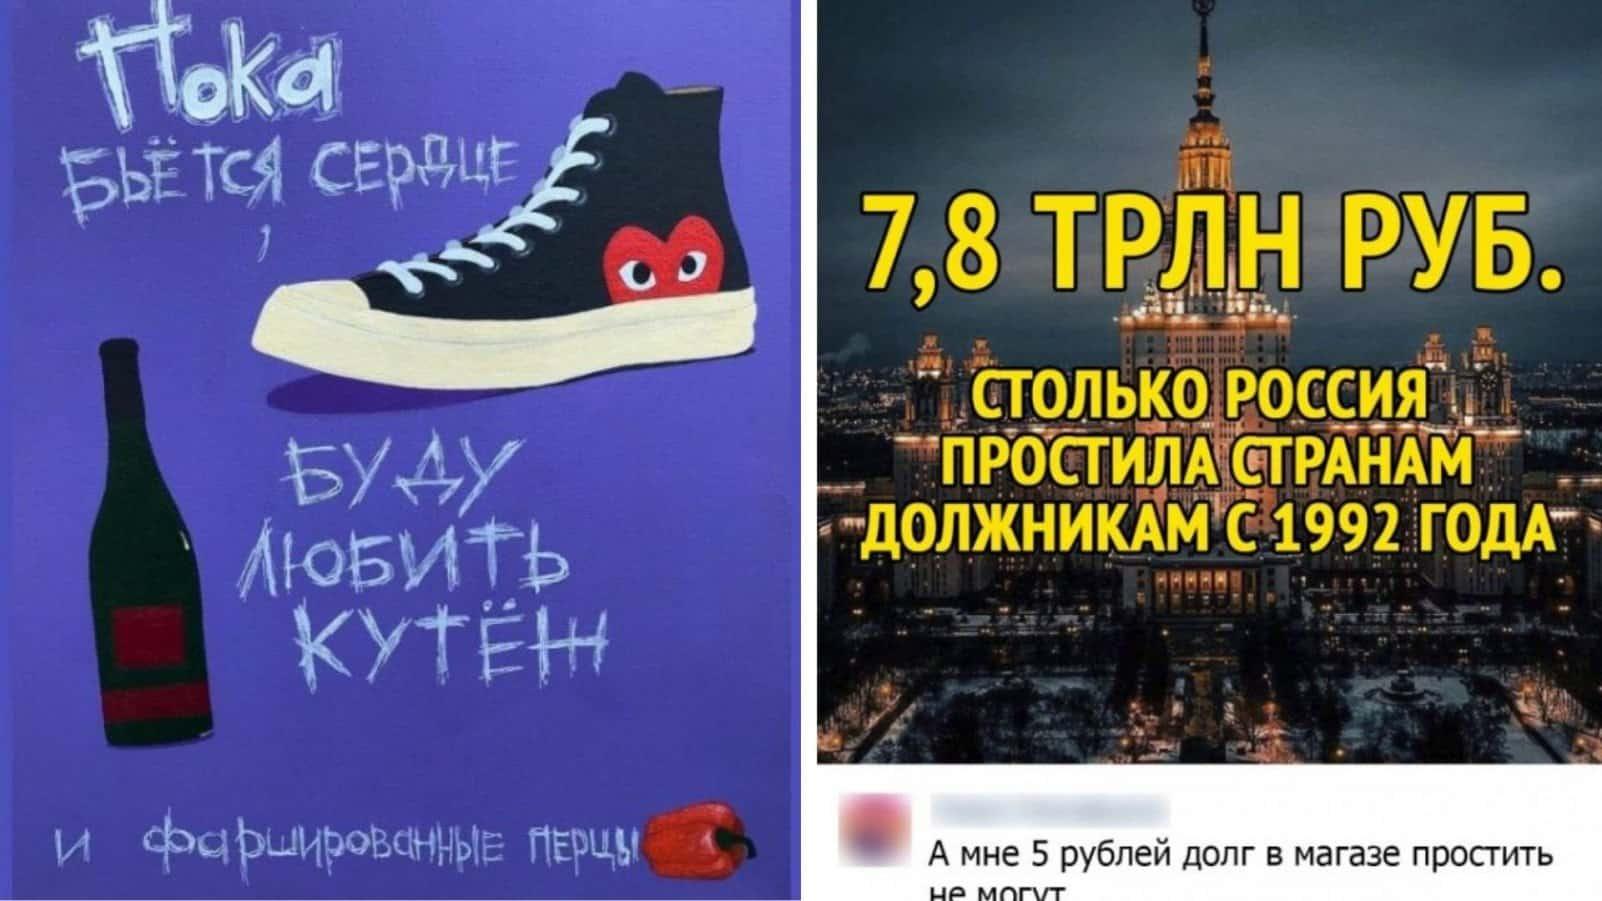 Фото приколы, убойные комментарии и 5 рублей в долг